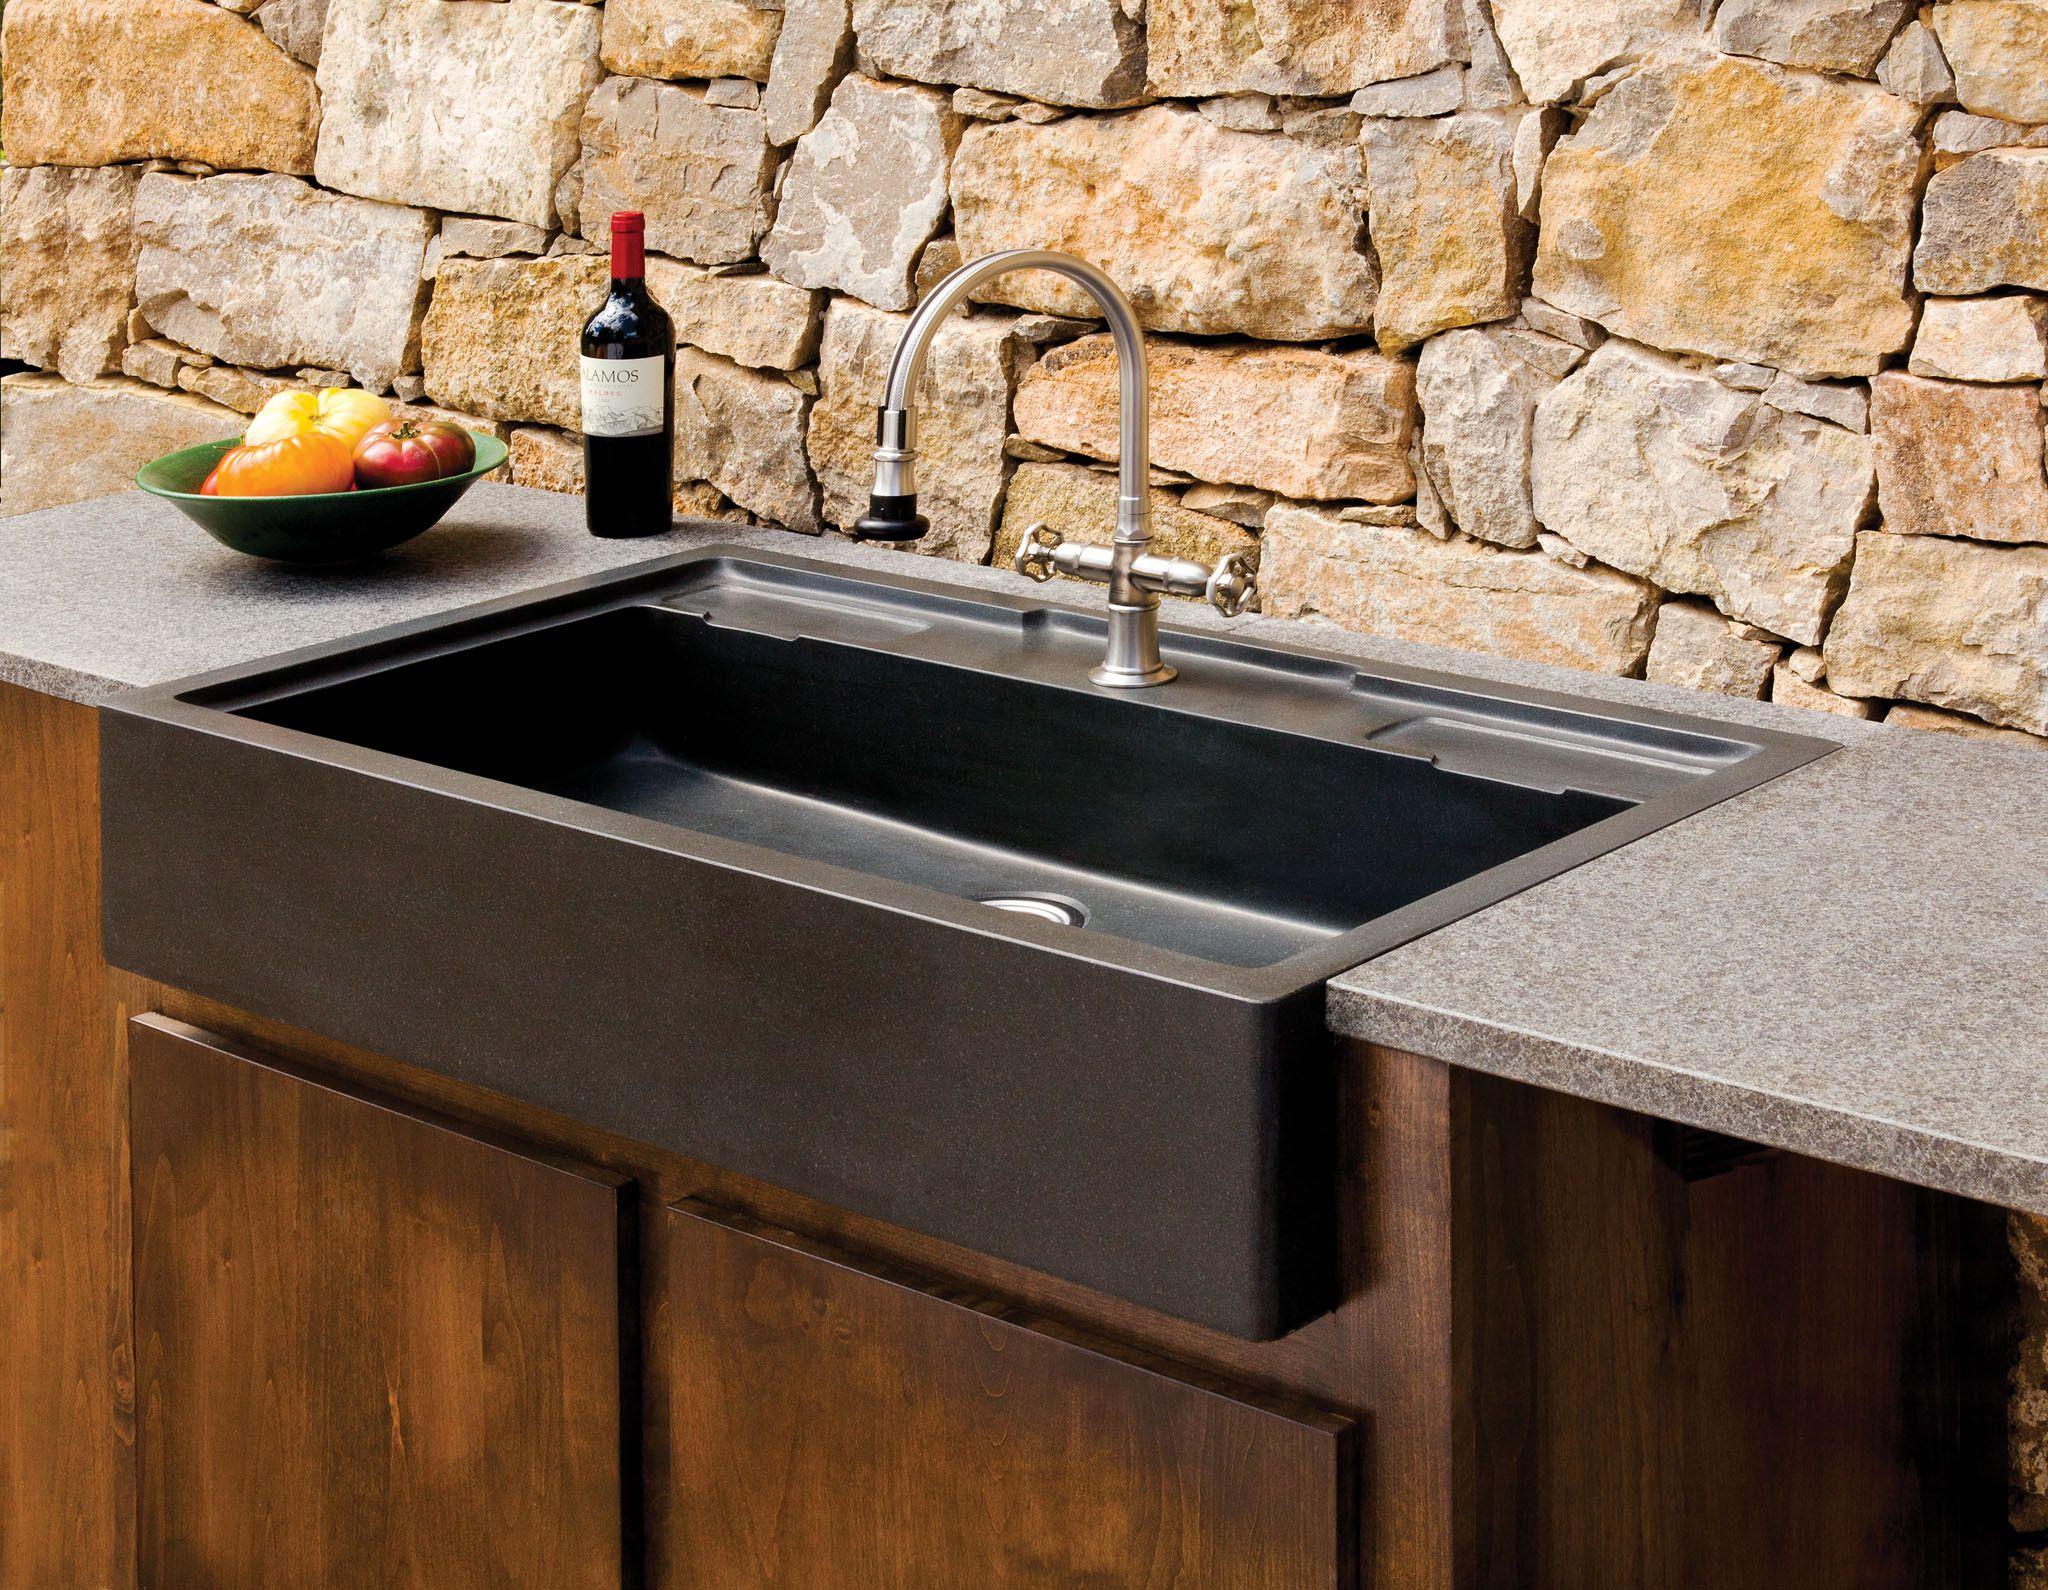 Salus Outdoor Kitchen Sink Outdoor Kitchen Sink Kitchen Sink Design Rustic Kitchen Sinks